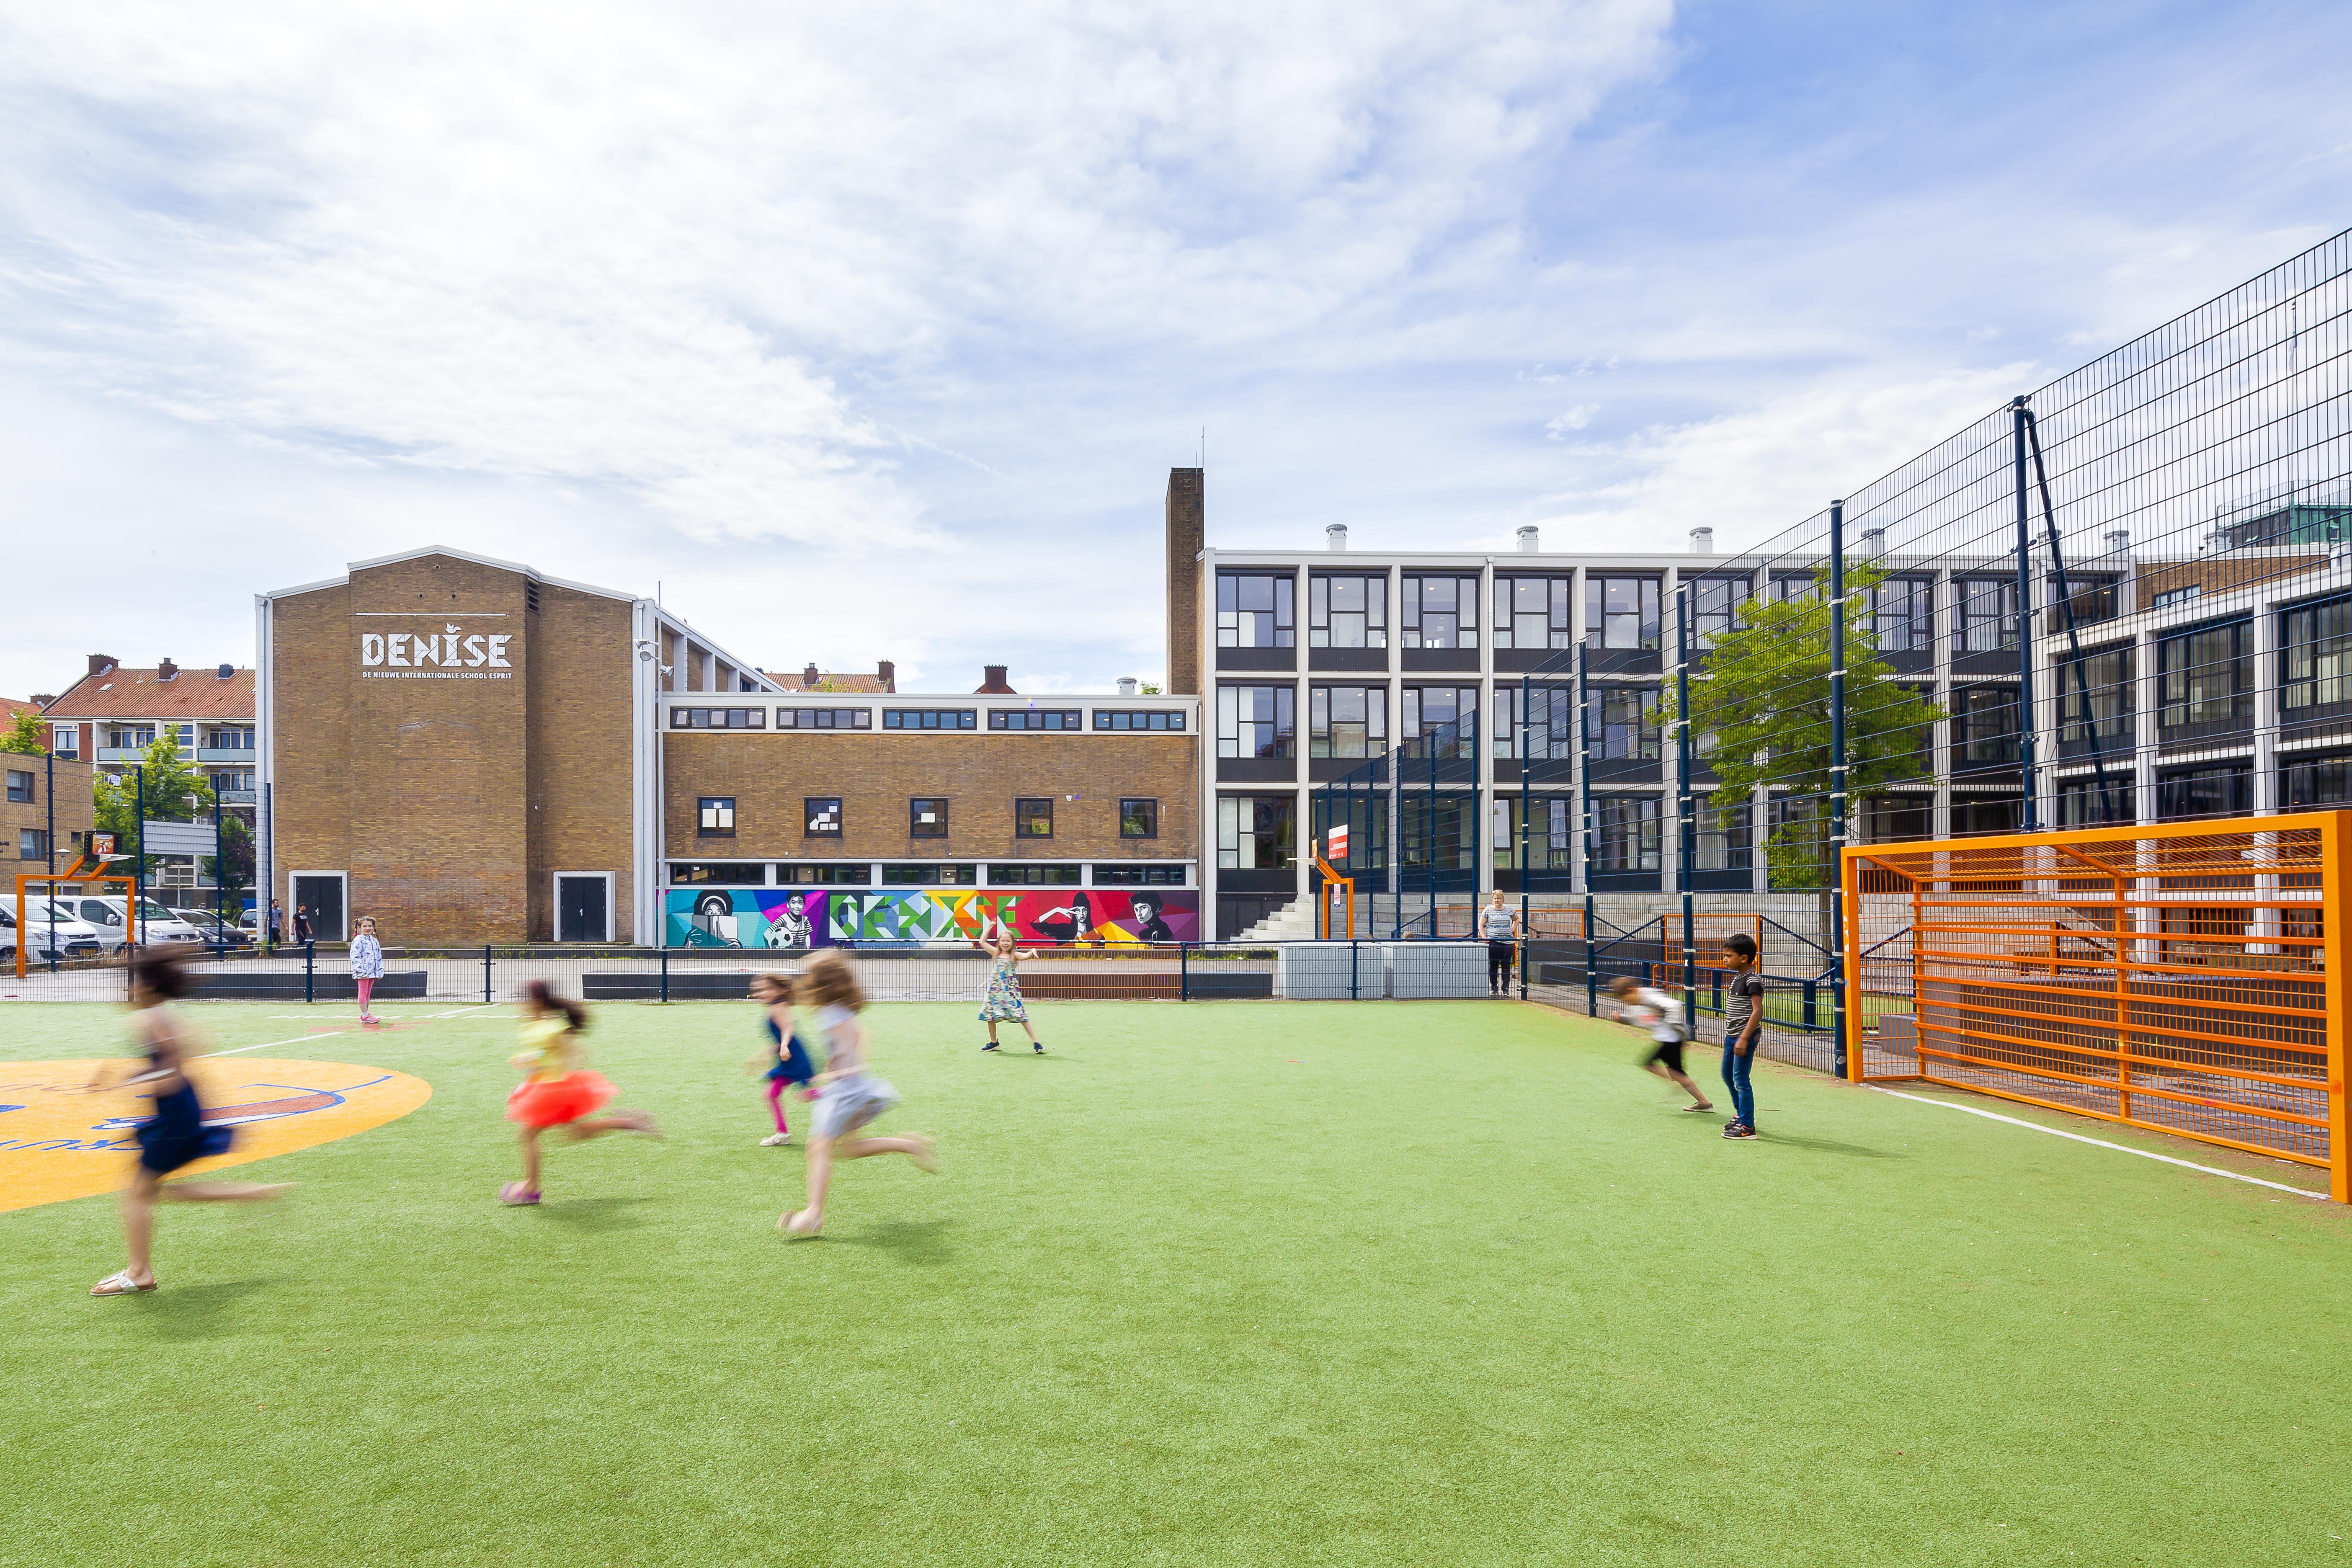 <p>De school en het sportveld van DENISE, foto Sonia Arrepia</p>